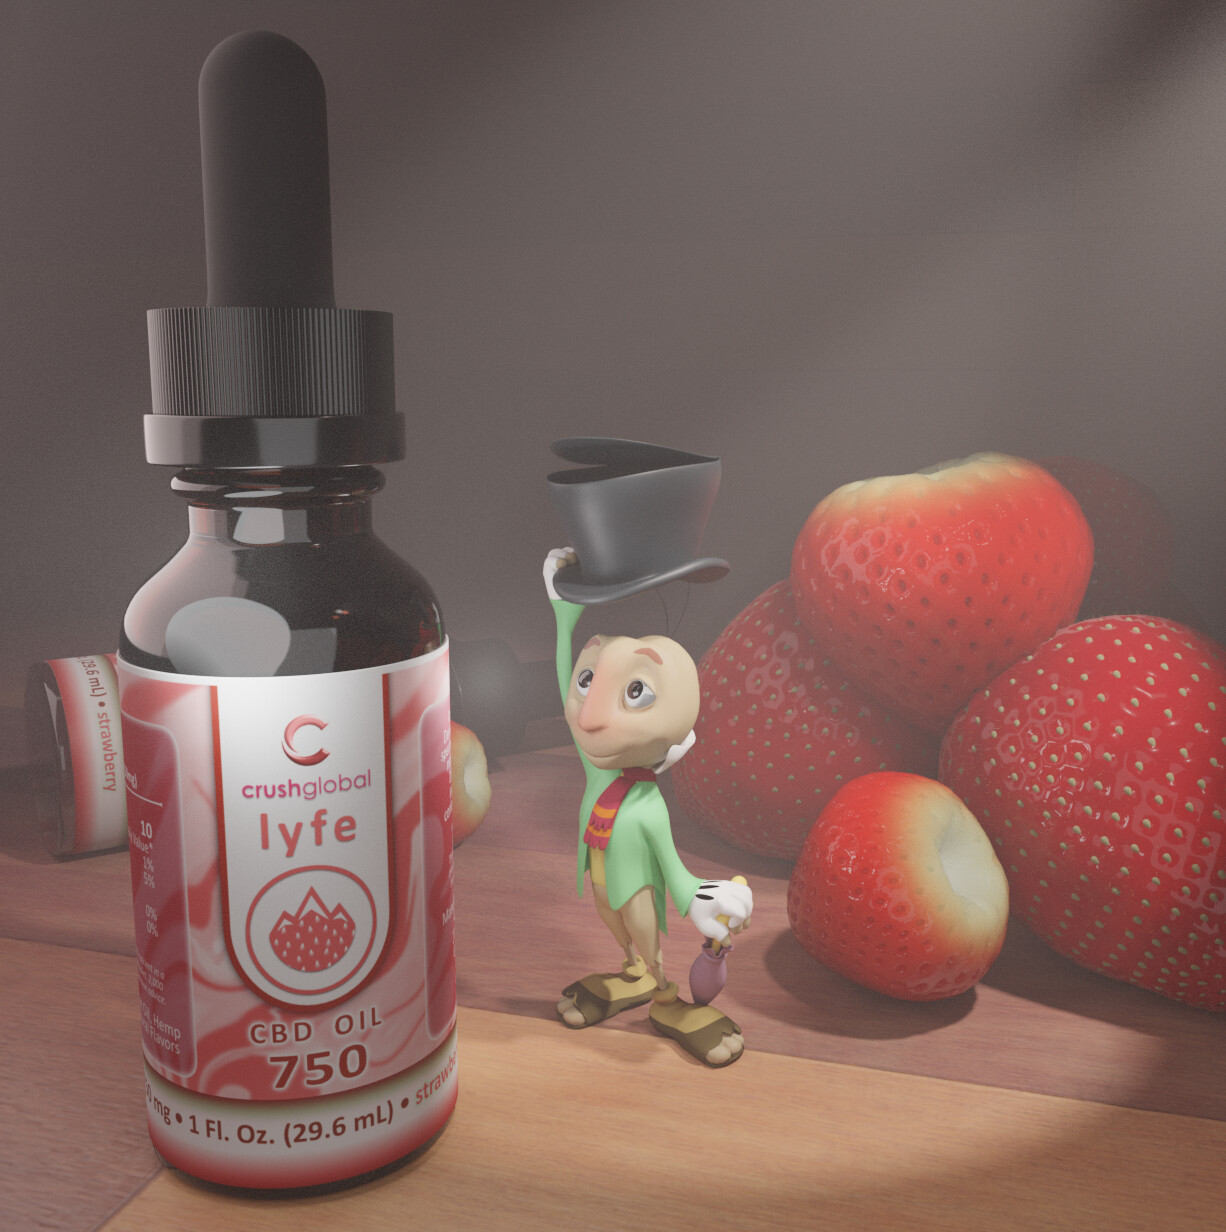 3D Render in Blender 2.79, edited in Affinity Designer. Berries All procedural. Label made in Affinity Designer